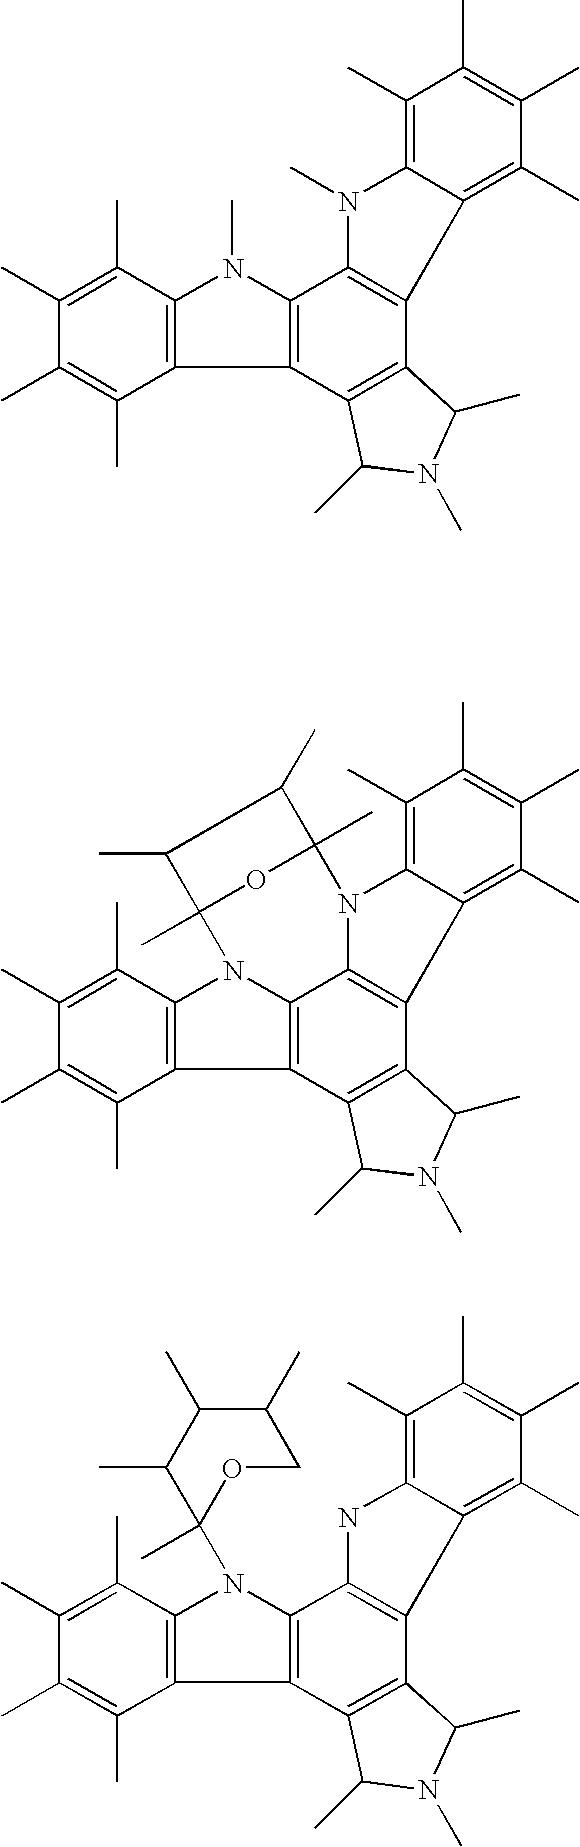 Figure US07858183-20101228-C00002